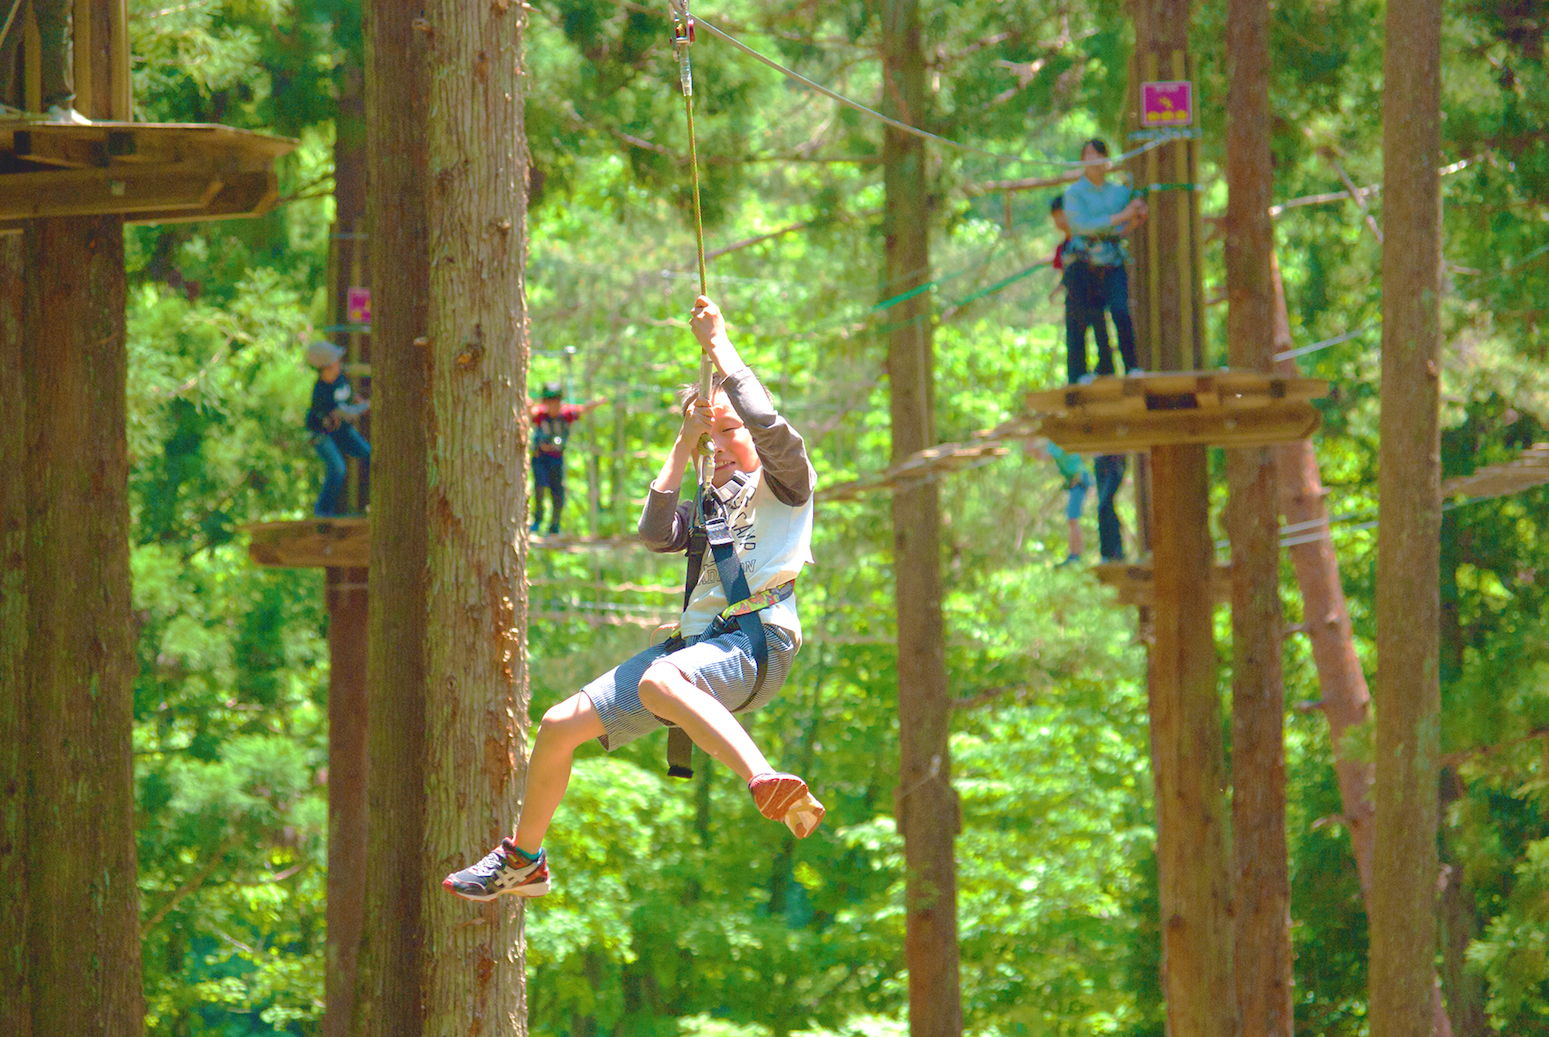 森林冒險‧惠庭:讓大人小孩都著迷的樹上森林冒險!